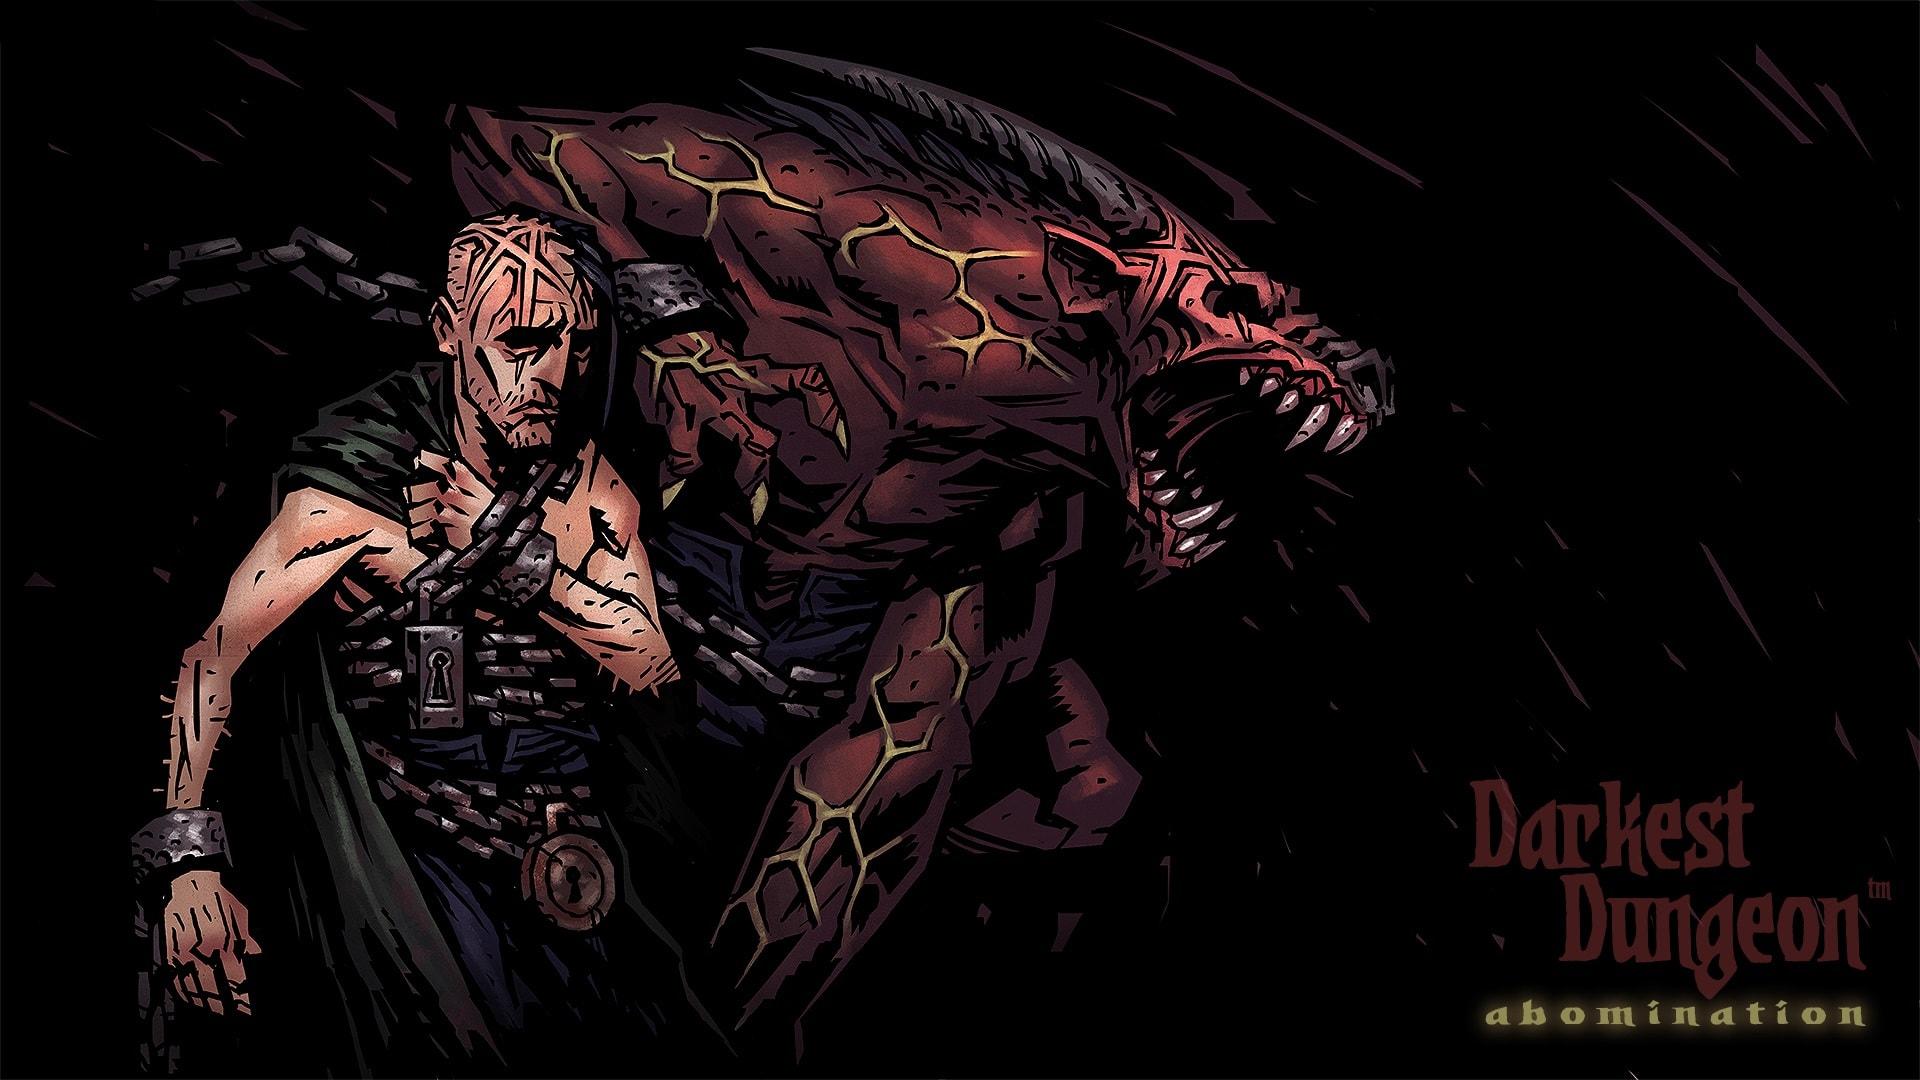 Darkest Dungeon Desktop wallpaper